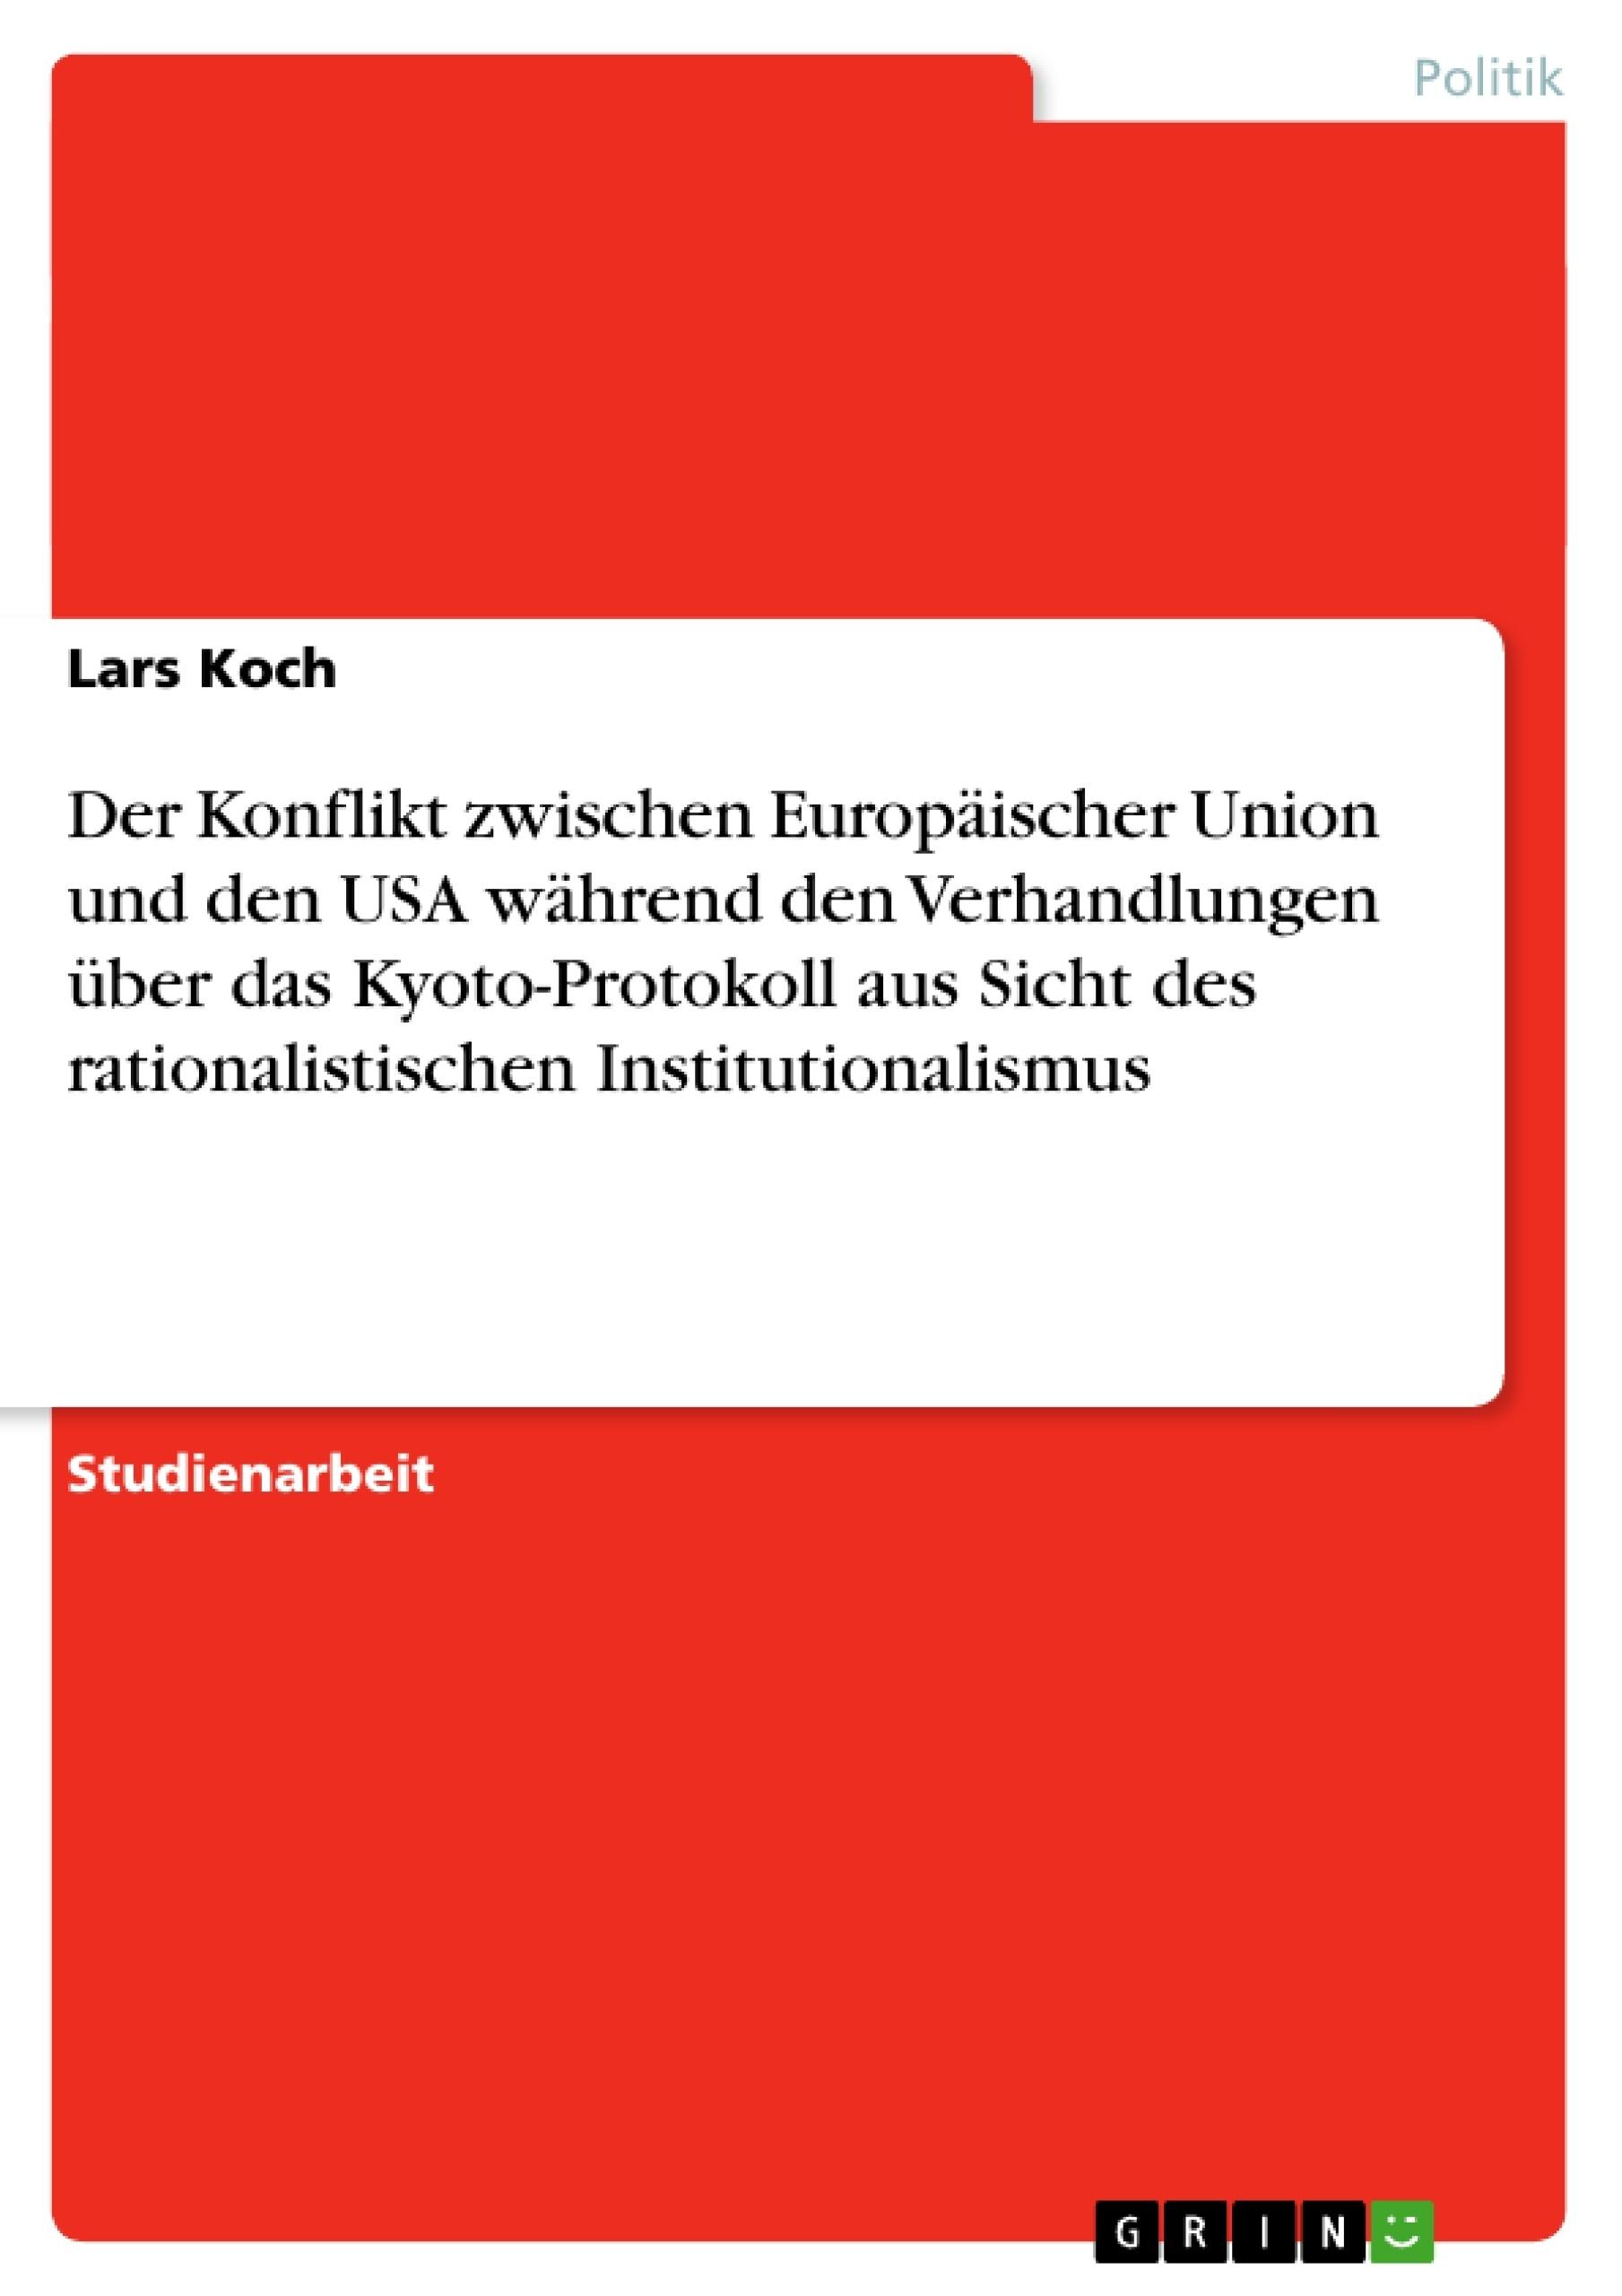 Titel: Der Konflikt zwischen Europäischer Union und den USA während den Verhandlungen über das Kyoto-Protokoll aus Sicht des rationalistischen Institutionalismus